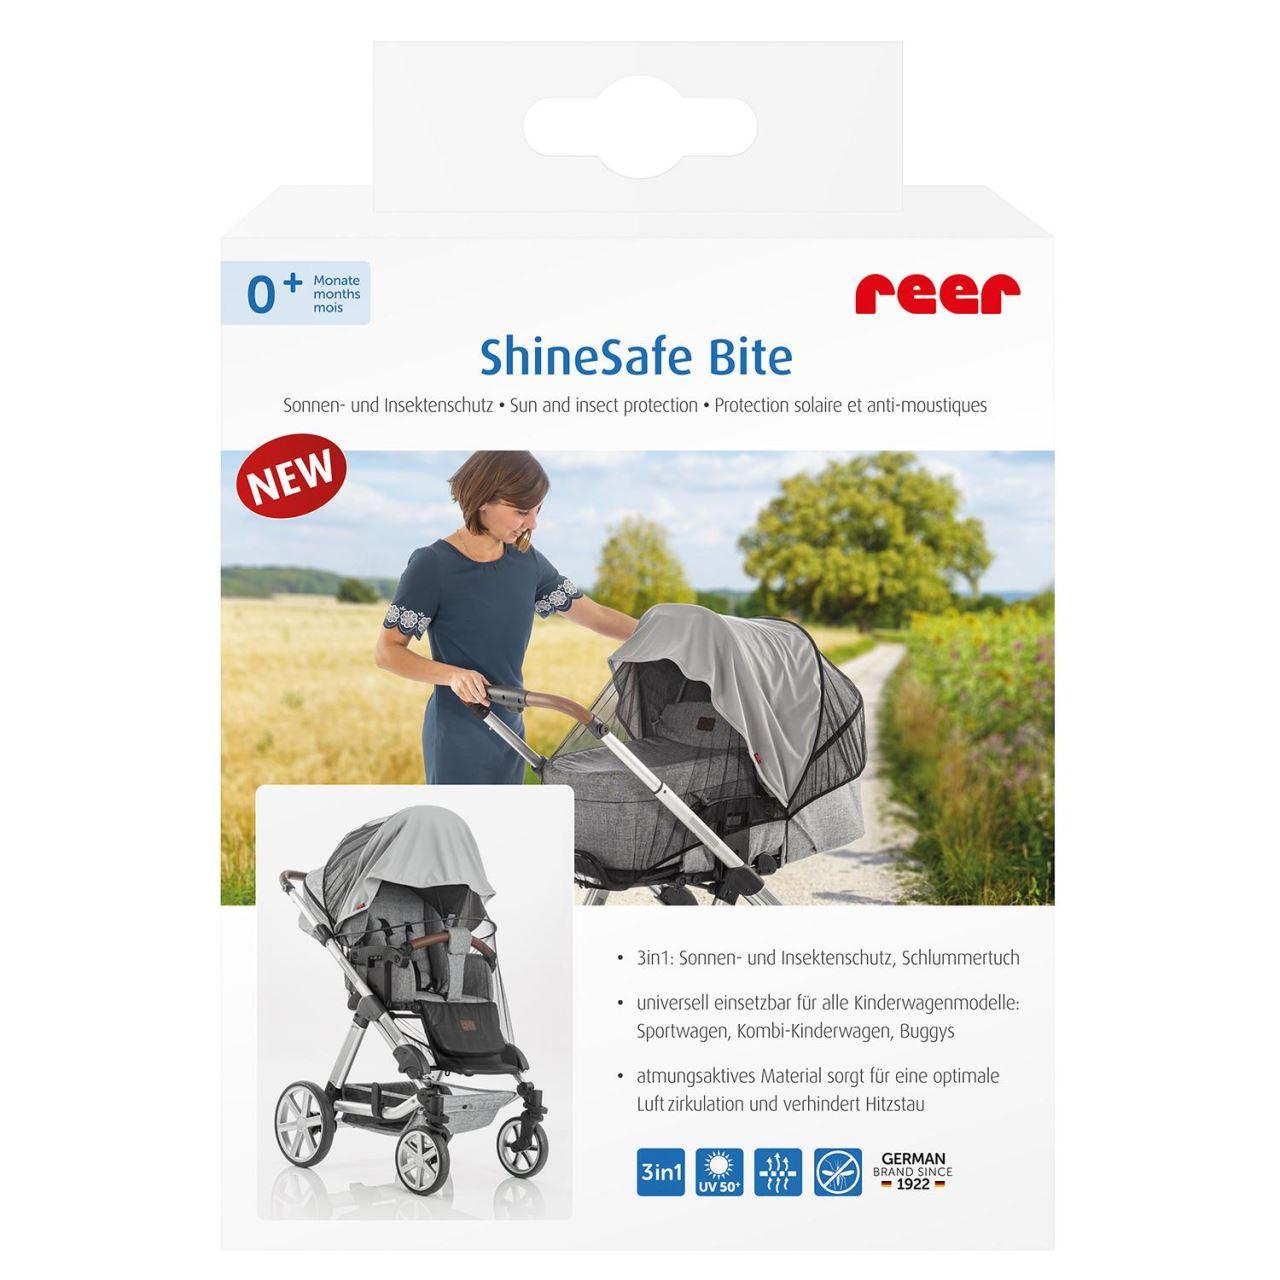 Plasa de protectie impotriva soarelui si a insectelor REER ShineSafe Bite pentru carucioare de bebelusi imagine